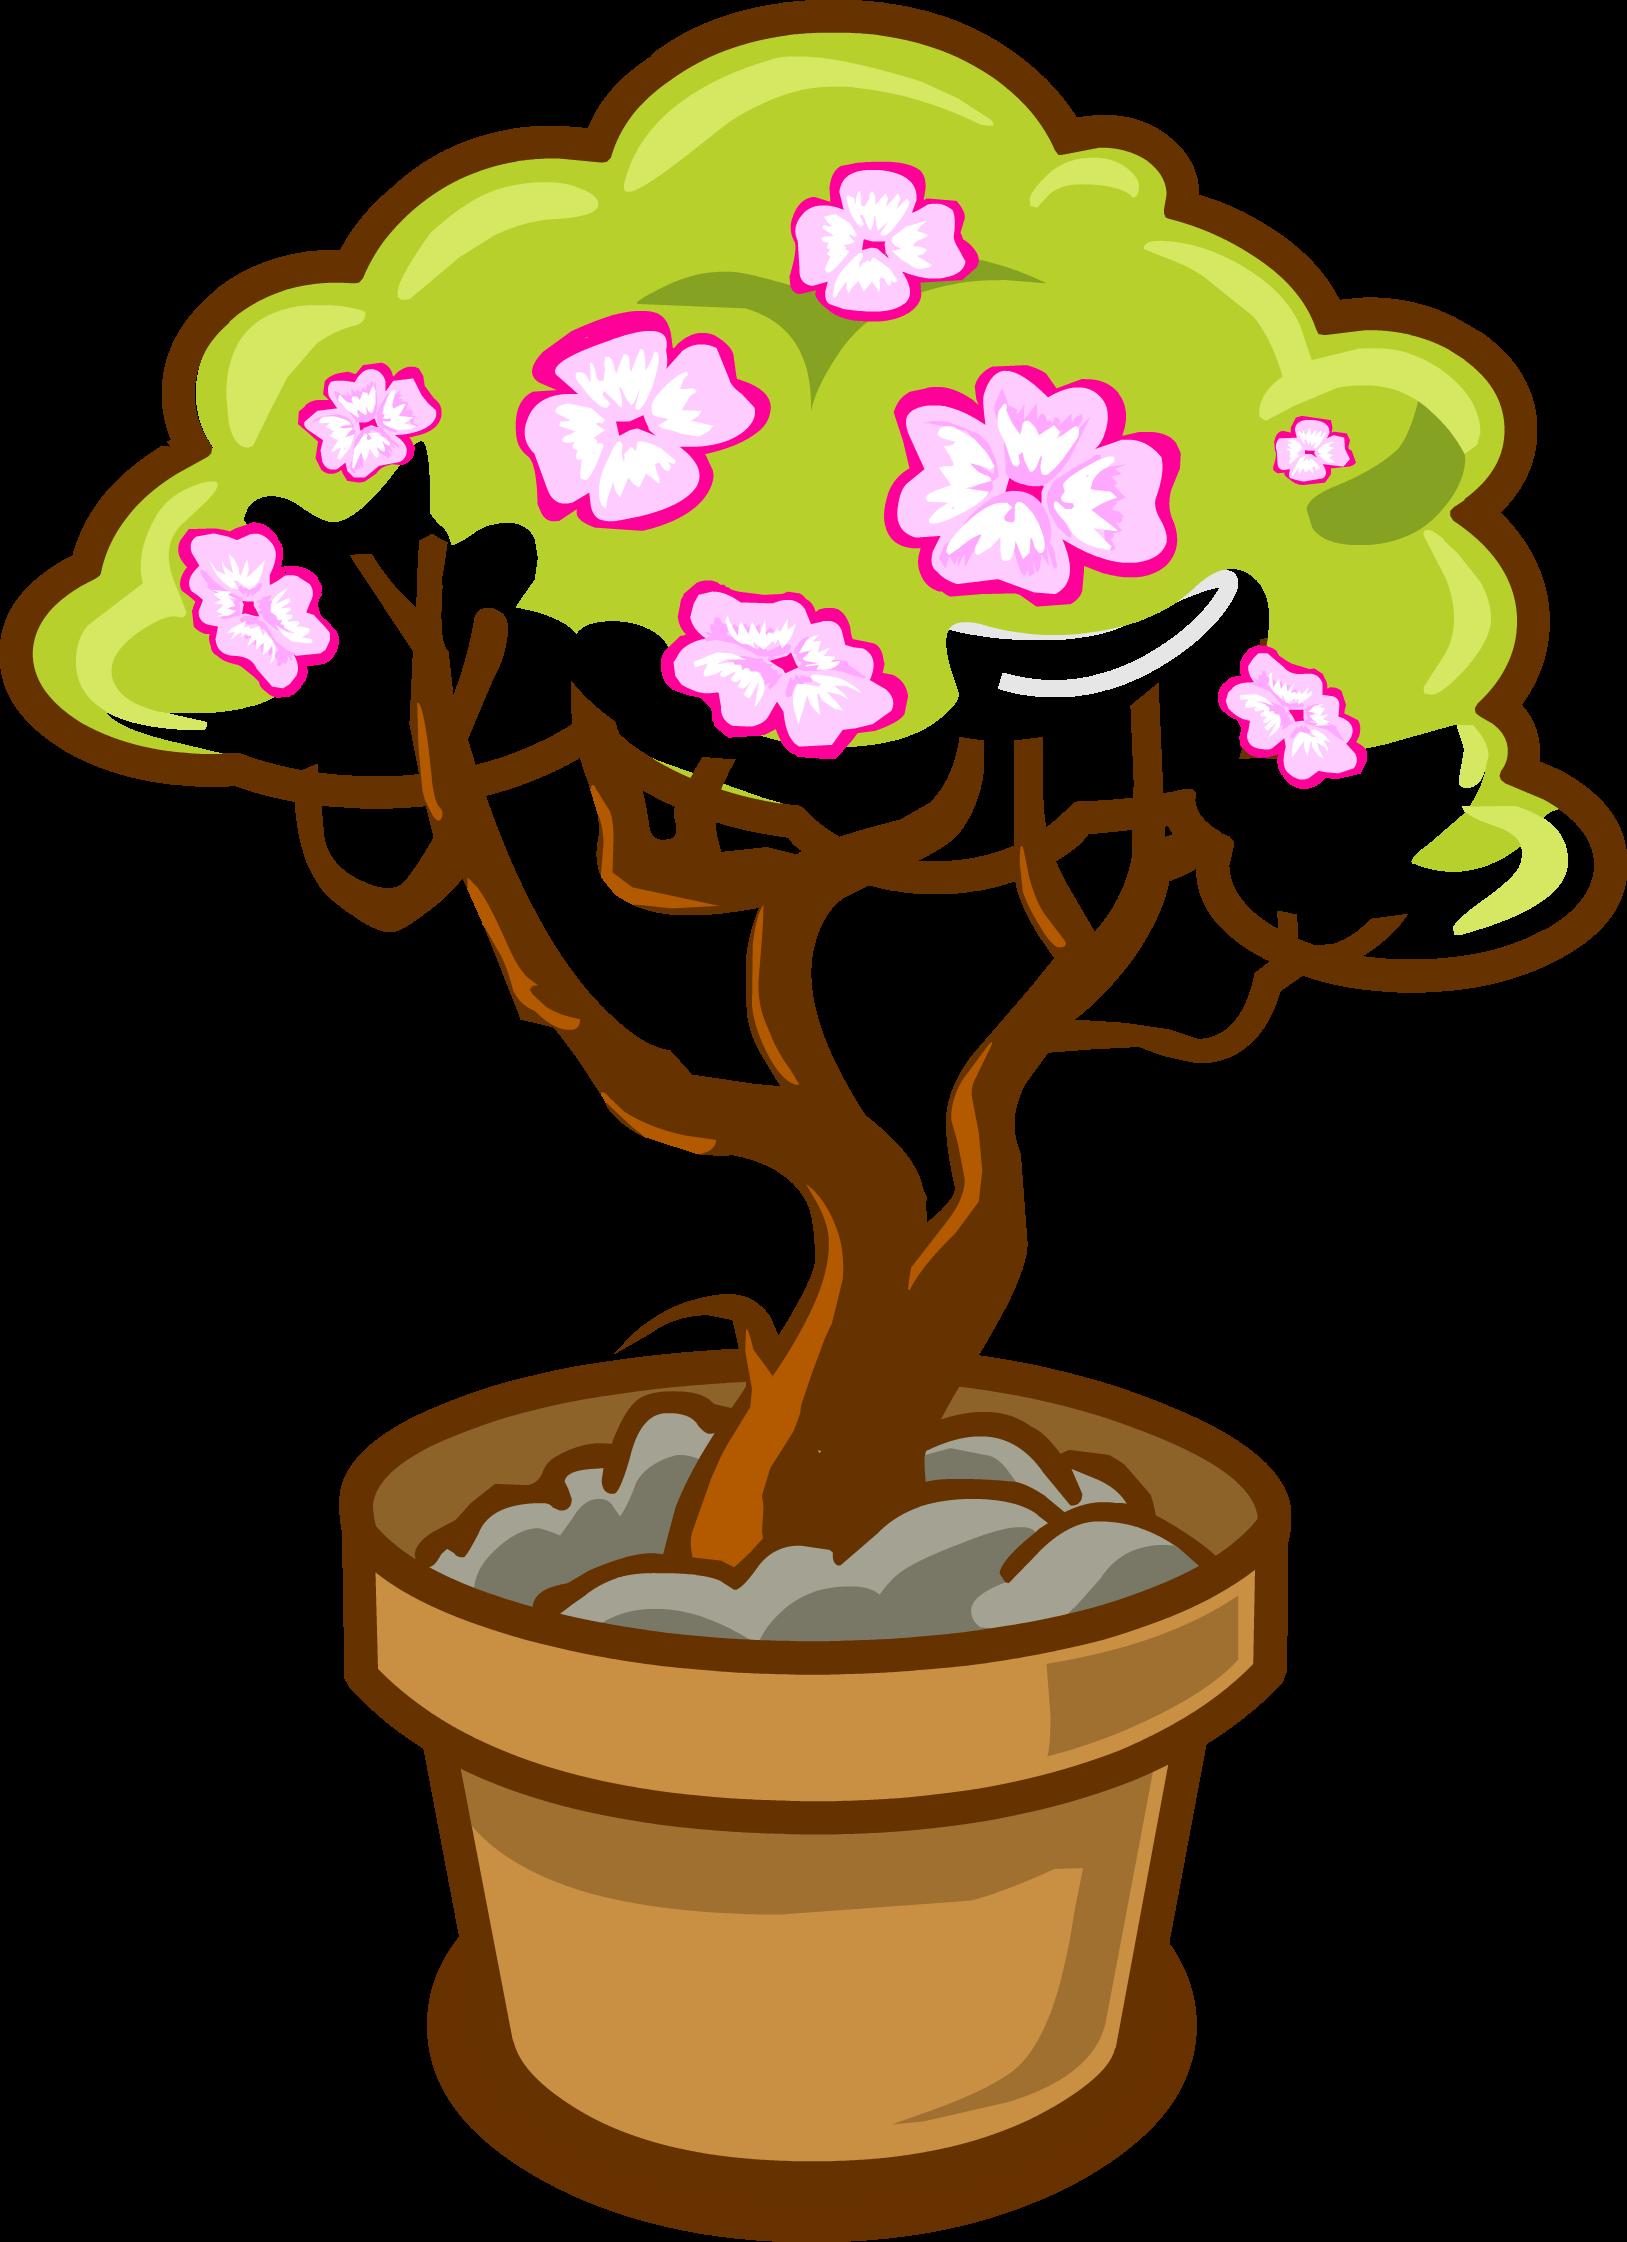 Цветущая сакура | Шарарам вики | FANDOM powered by Wikia  Цветущая Сакура Png